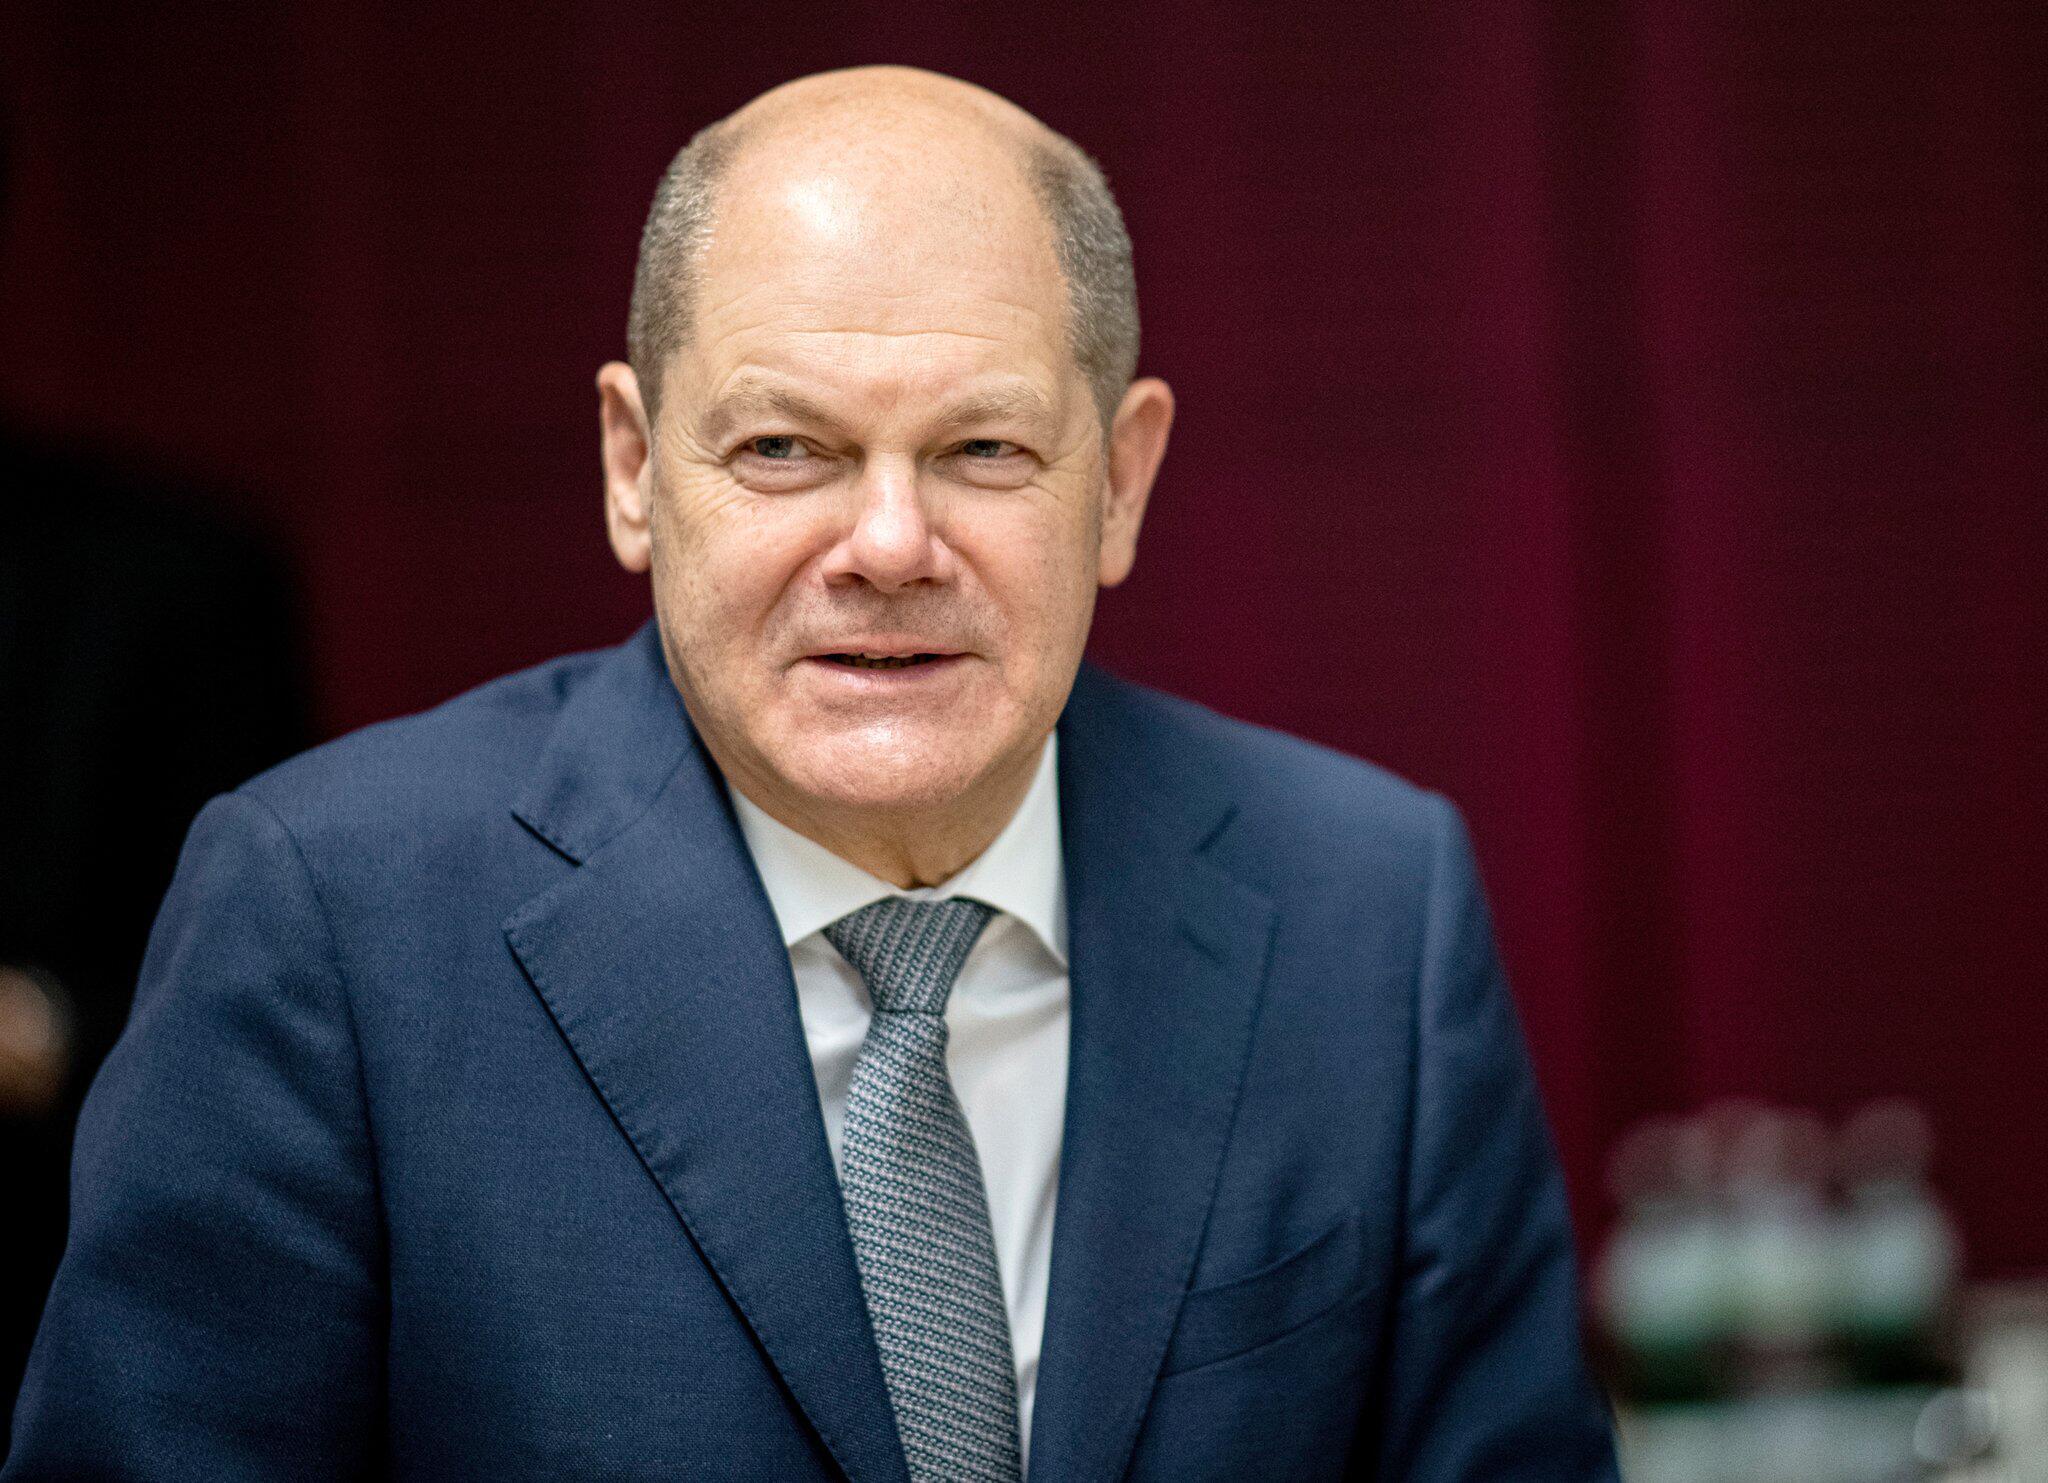 Scholz legt Gesetzentwurf zur Finanztransaktionssteuer vor Finanztransaktionssteuer